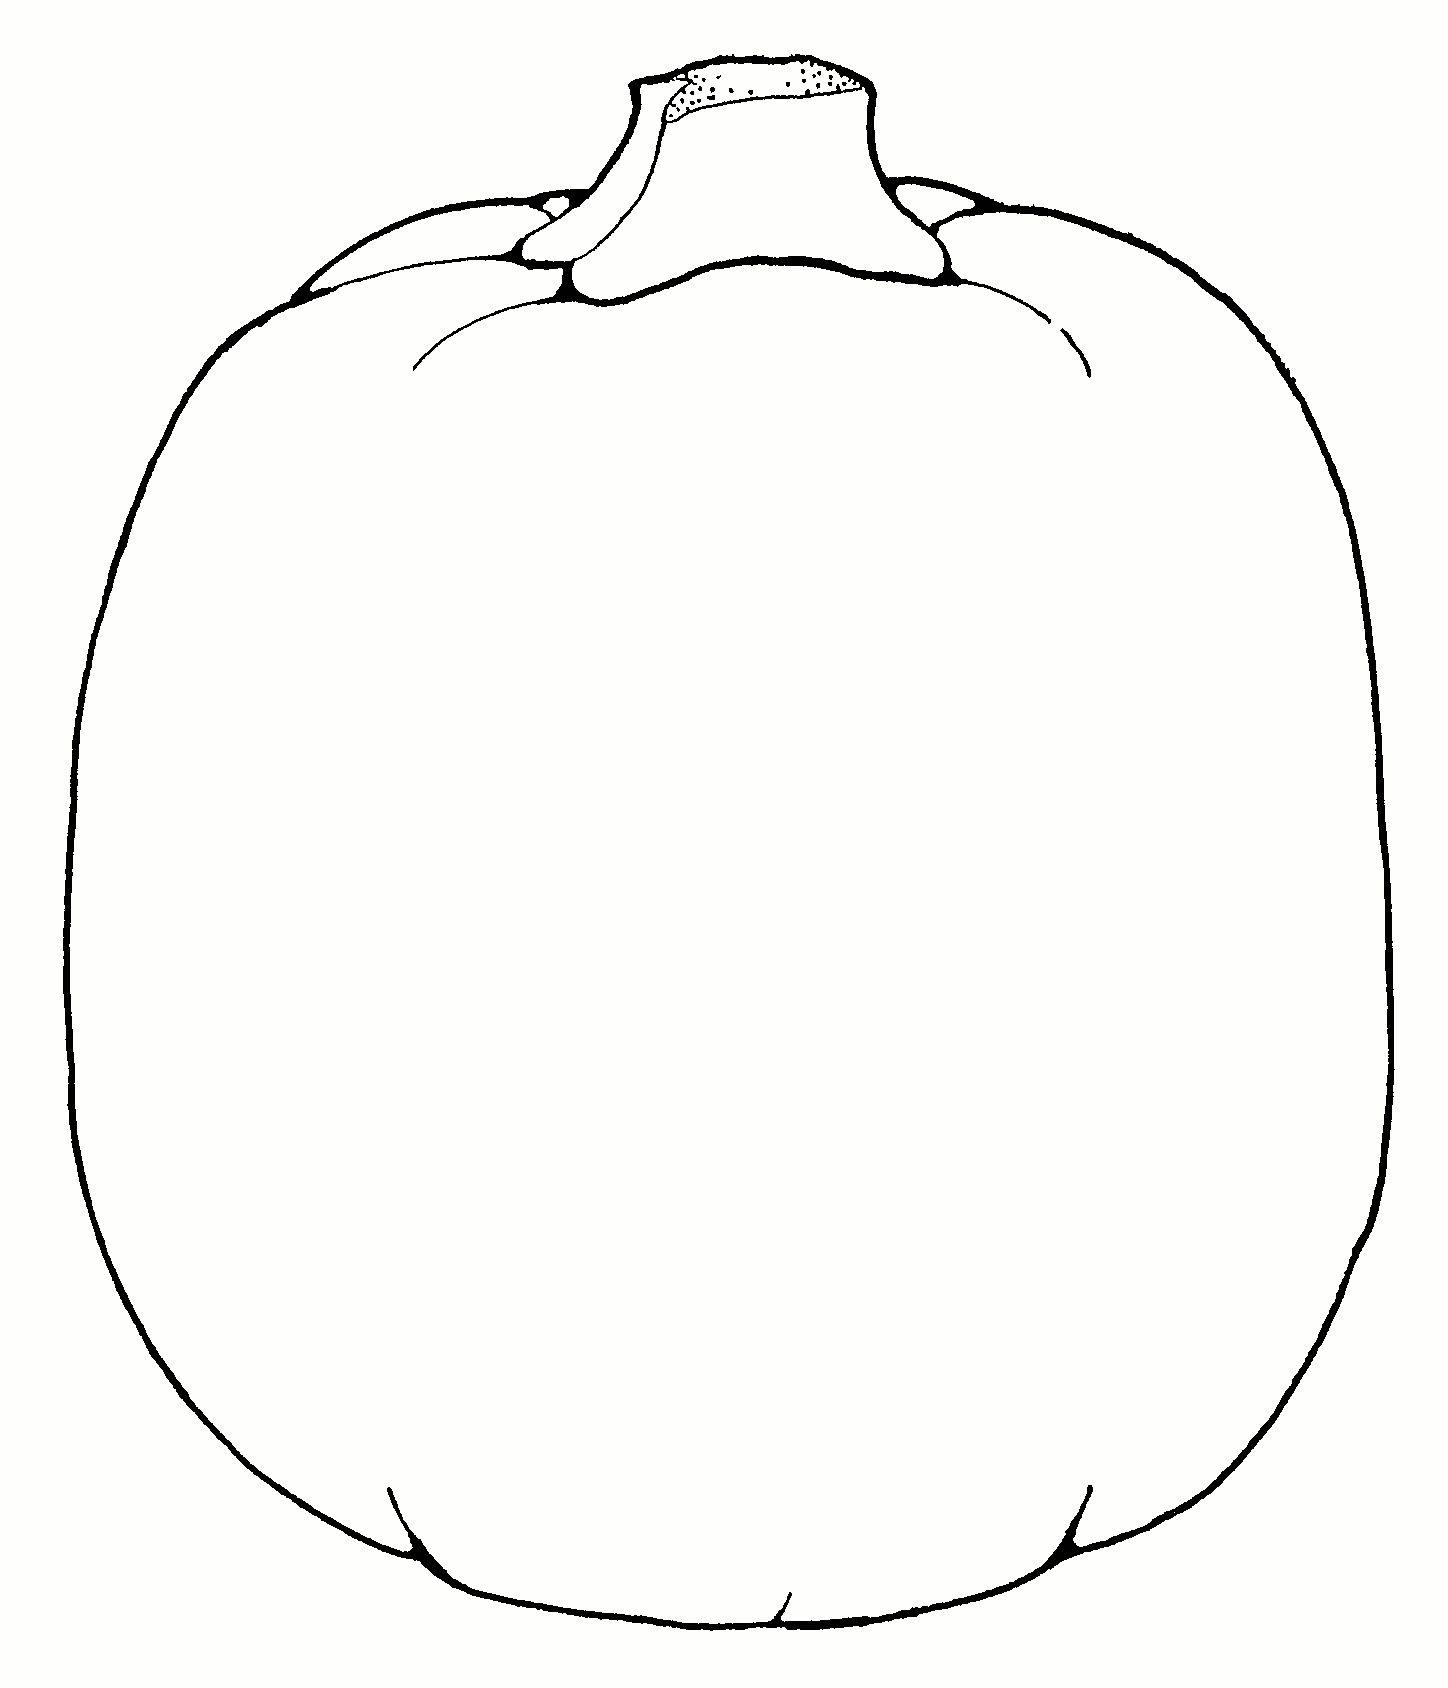 Pumpkin Clipart Outline Images Royalti